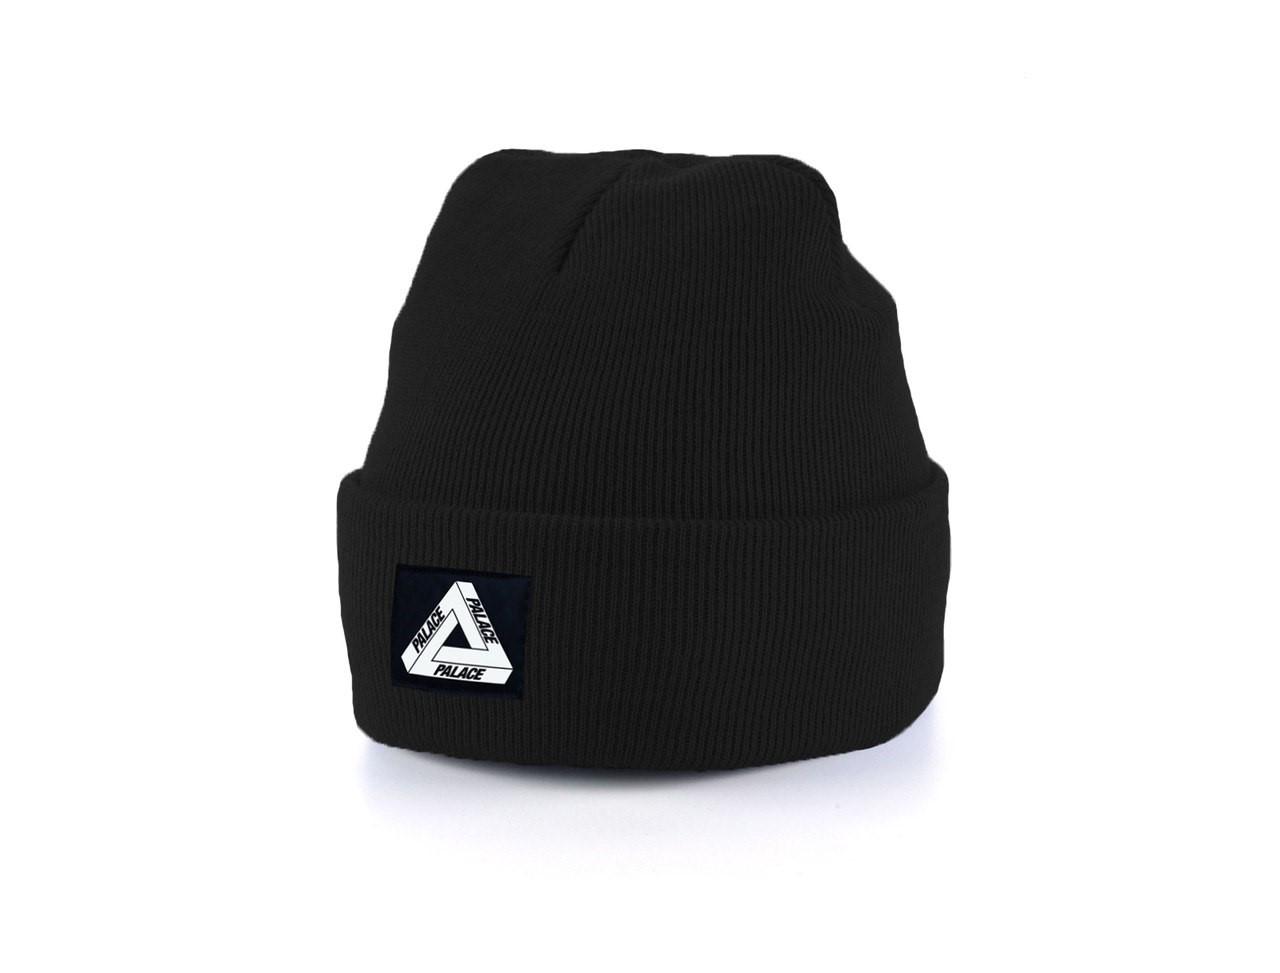 Мужская теплая шапка Palace универсальный размер